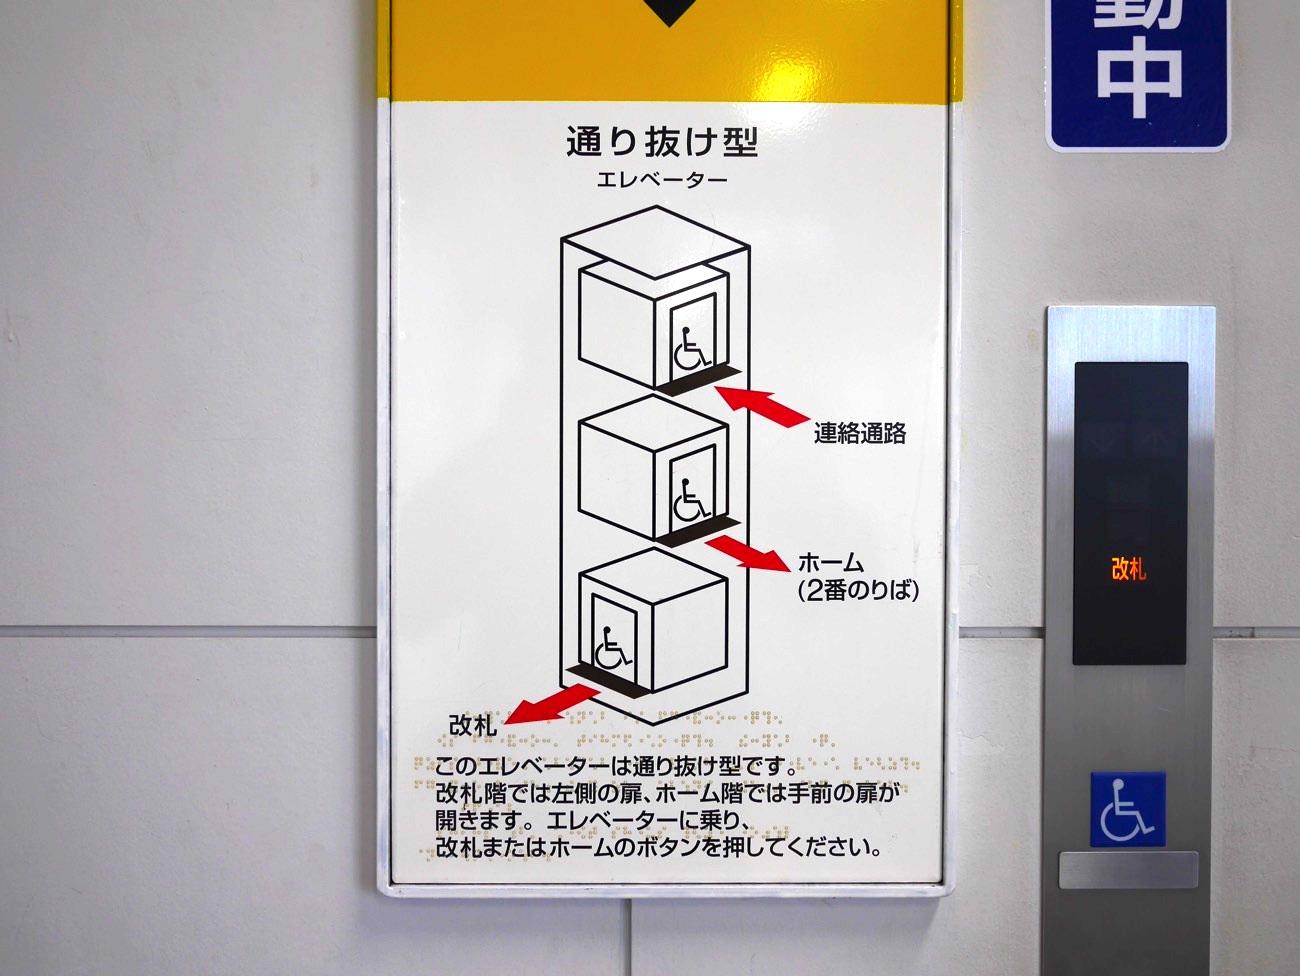 エレベータで移動する